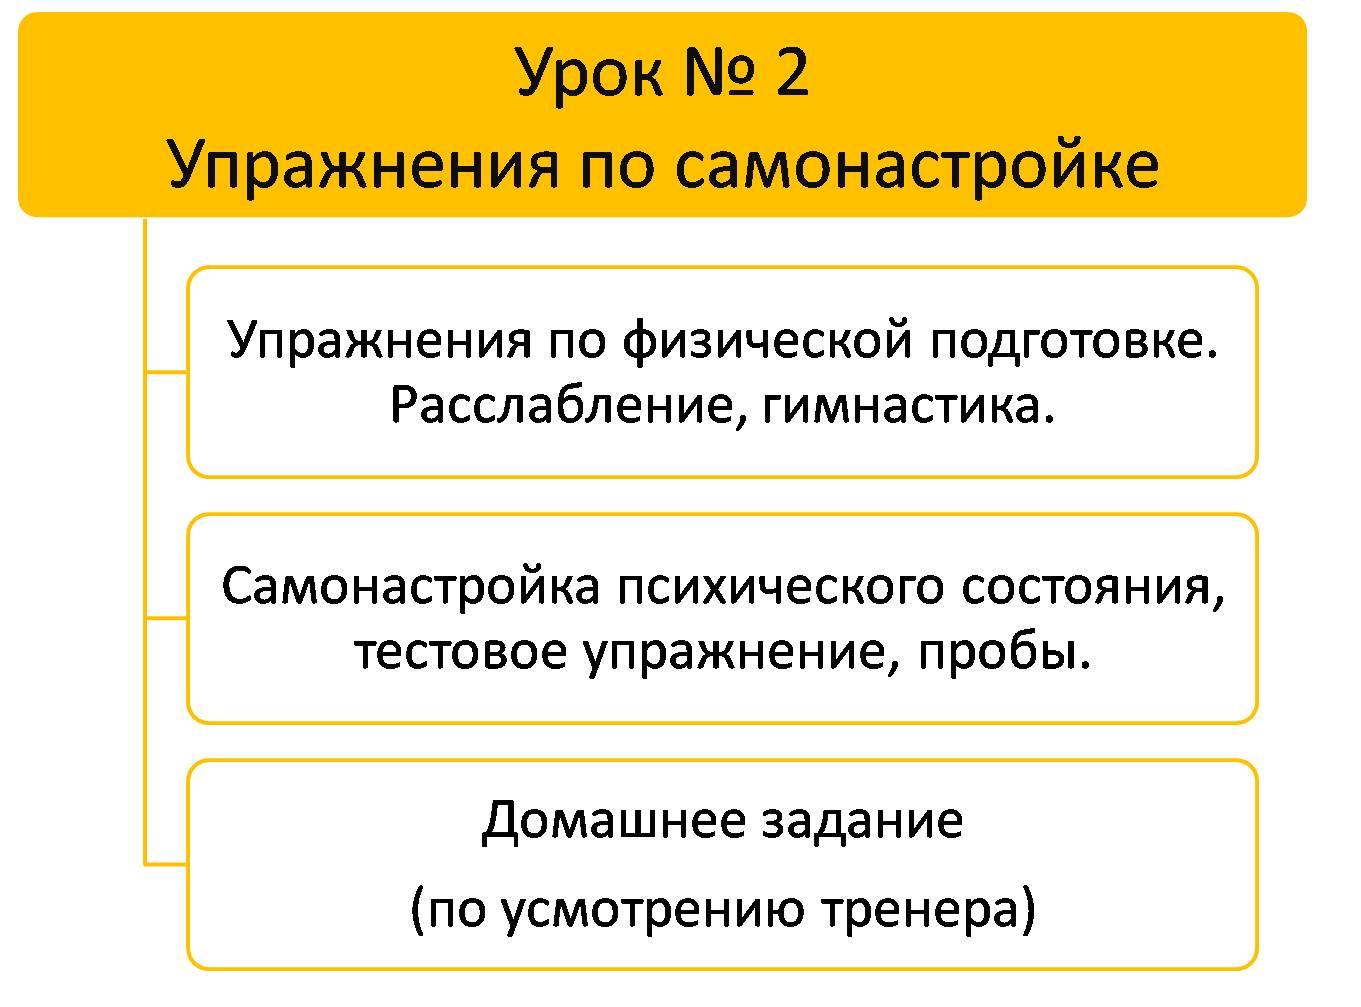 psyhografiya-s-2